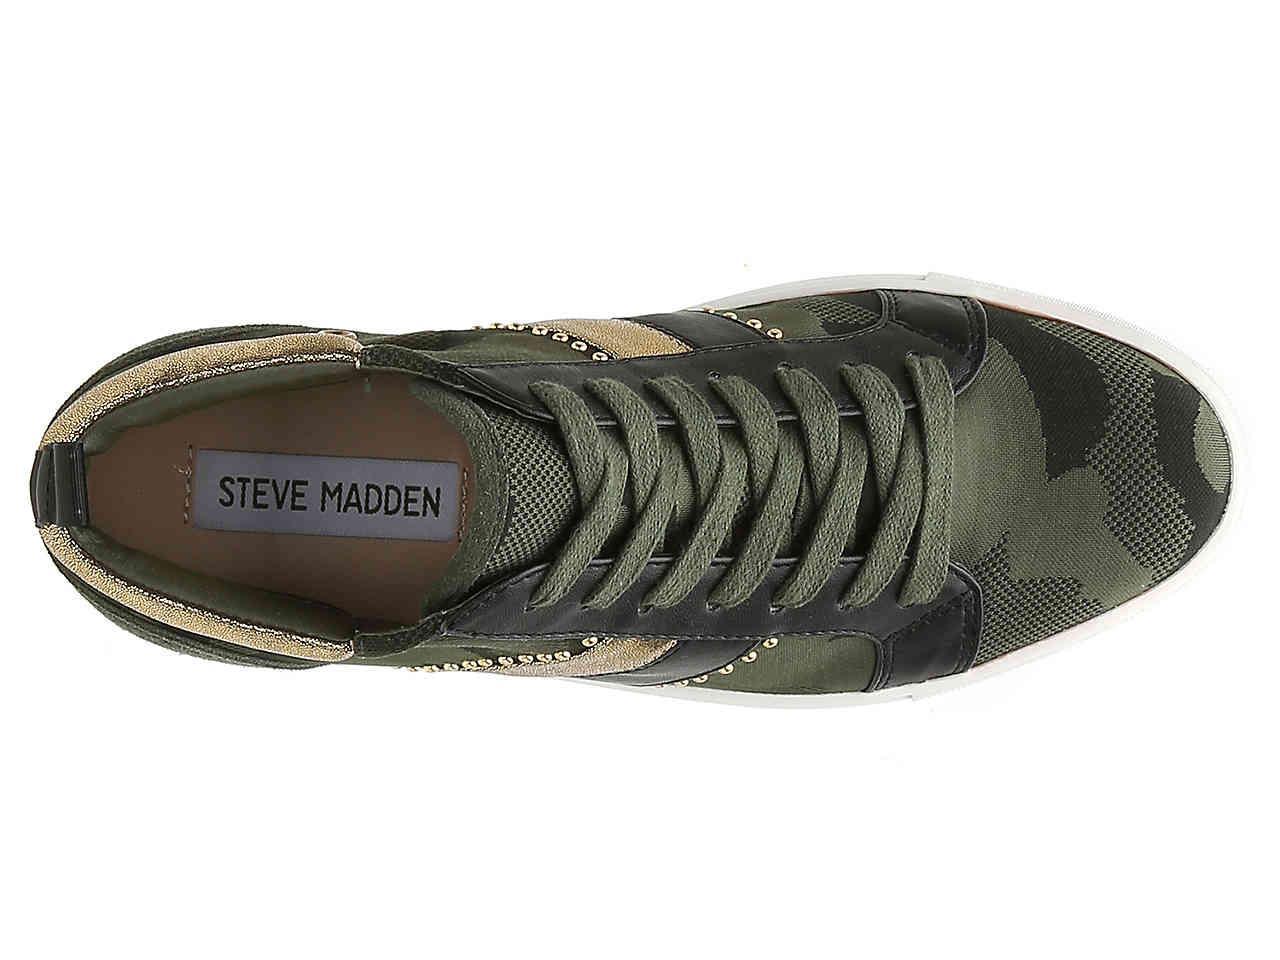 Steve Madden Gusty Wedge Sneaker in